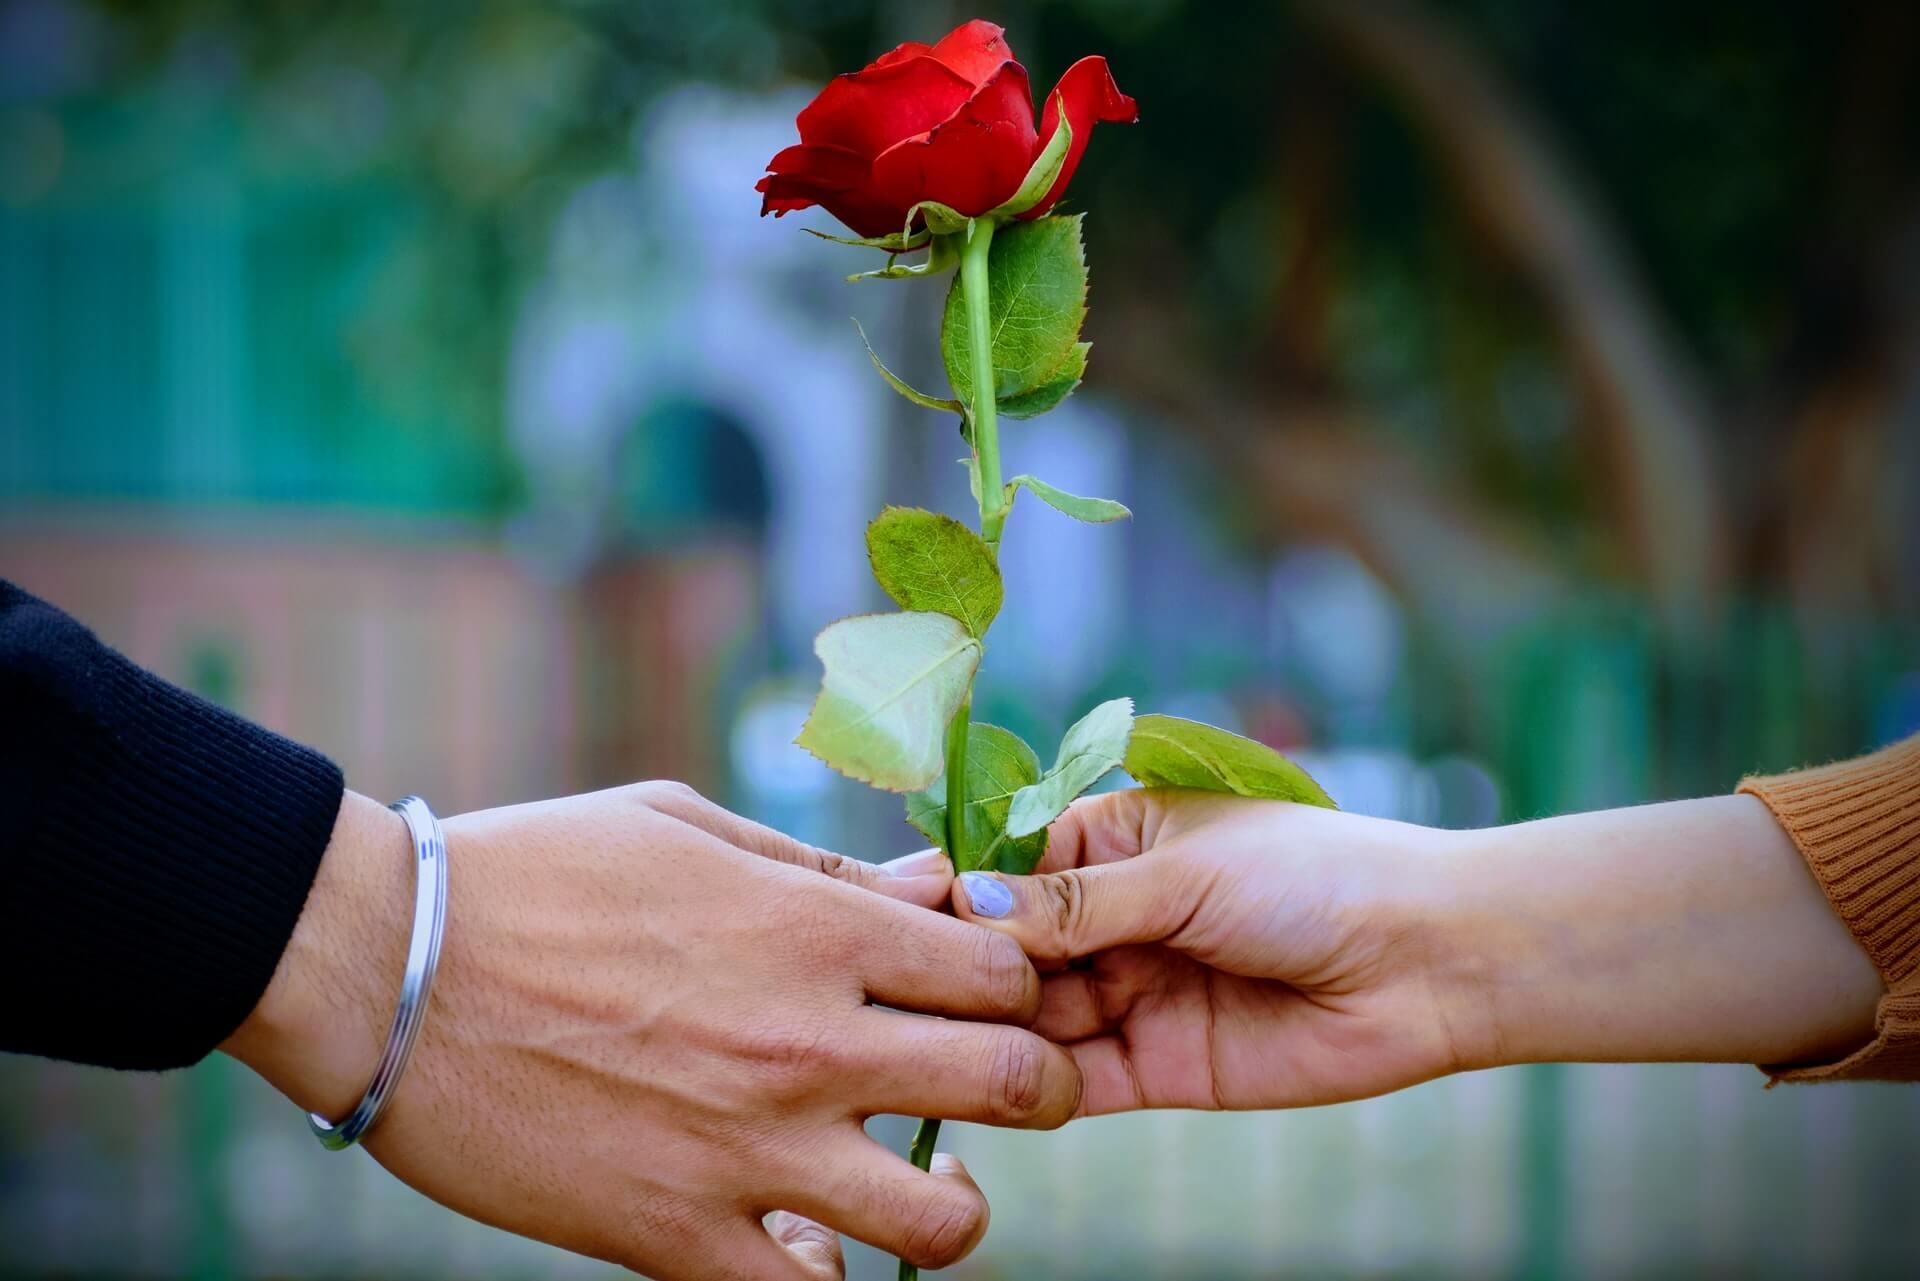 プロポーズで渡す花束のイメージ5